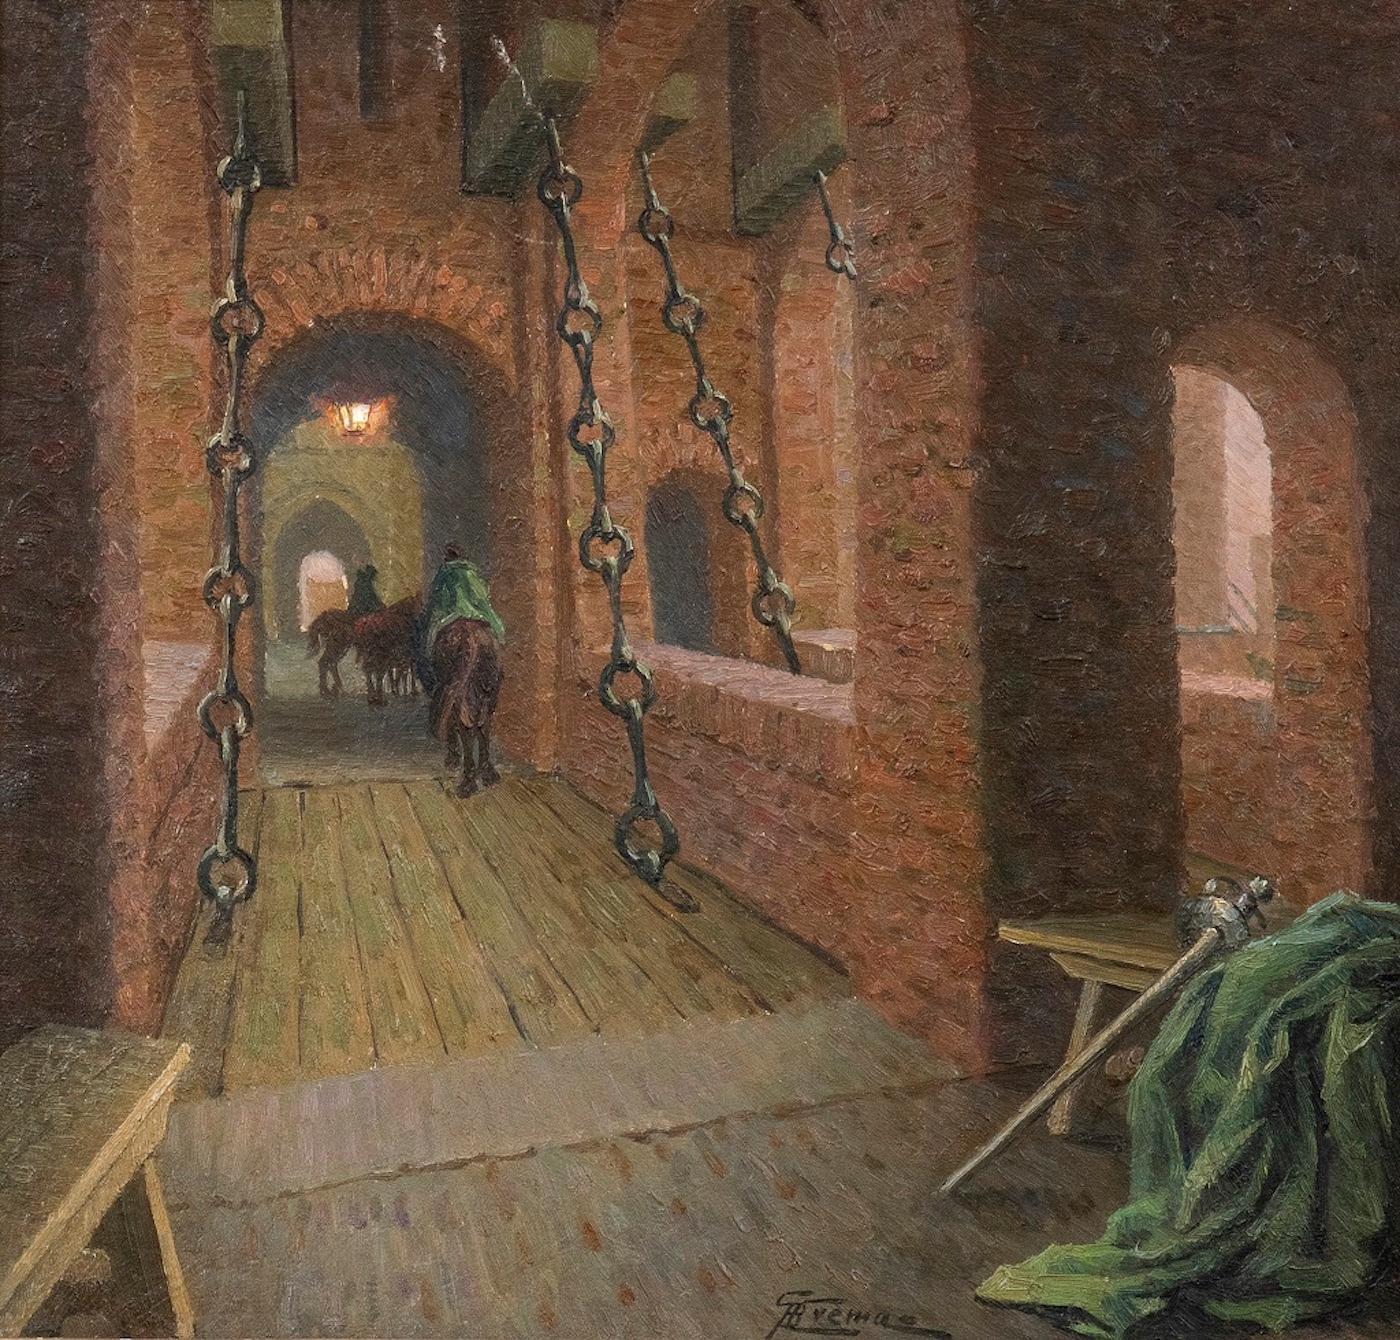 Drawbridge over the Estense Castl - Original Oil on Board by G. B. Crema - 1920s